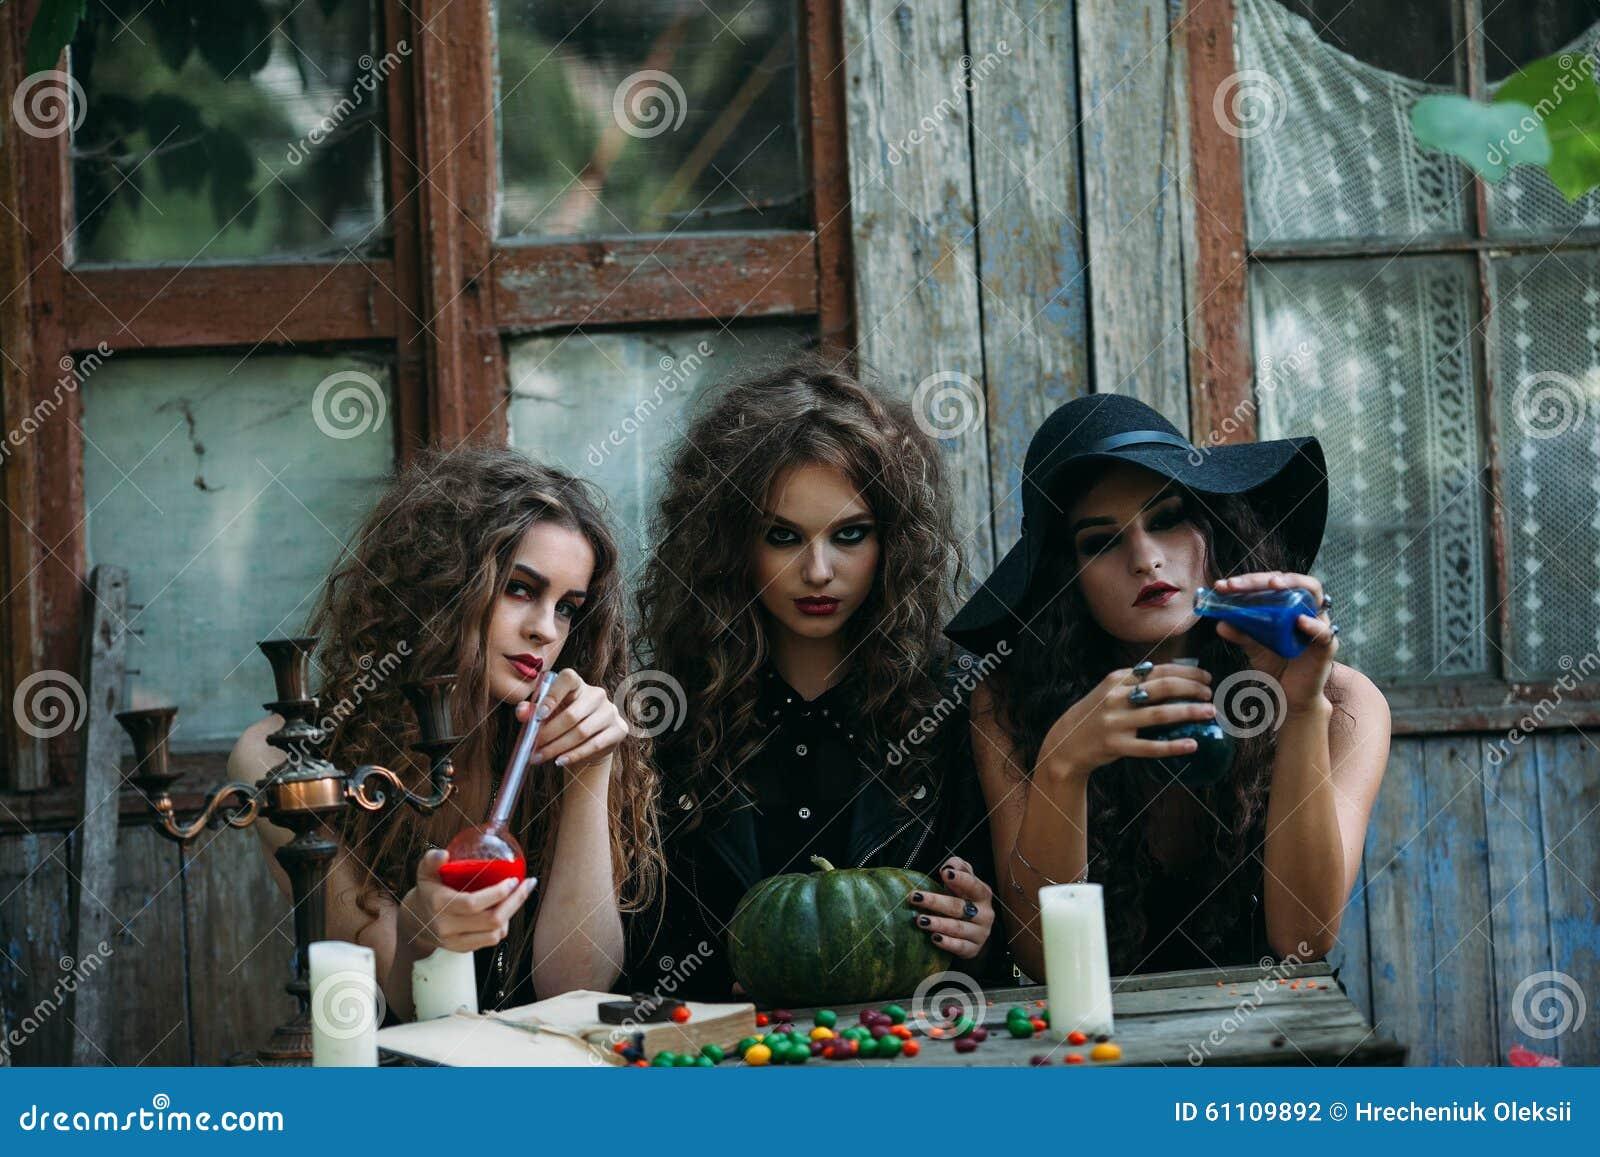 Drie uitstekende heksen voeren magisch ritueel uit